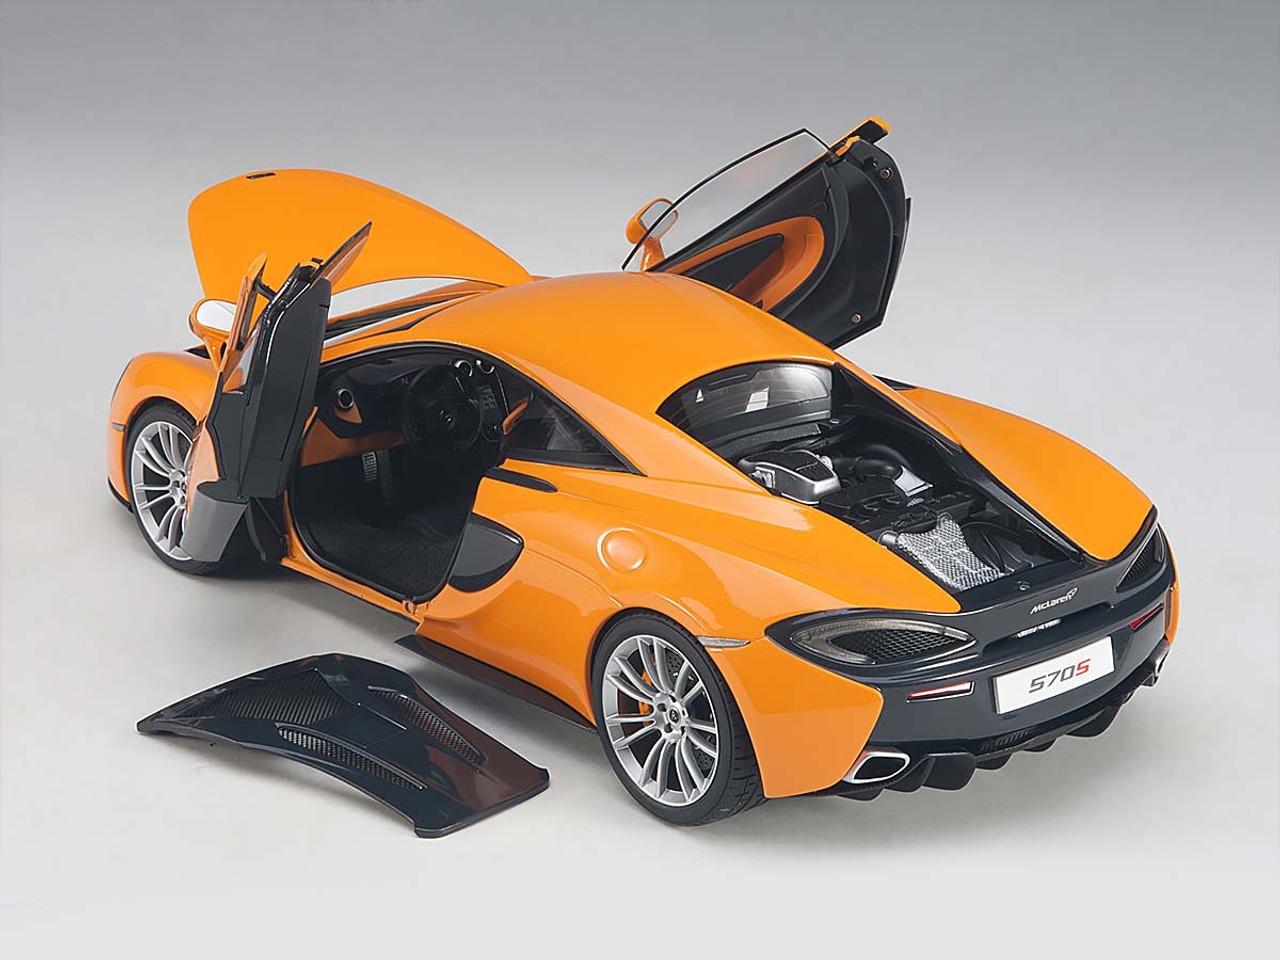 AUTOart 76044 1:18 McLaren 570S McLaren Orange with Silver wheels